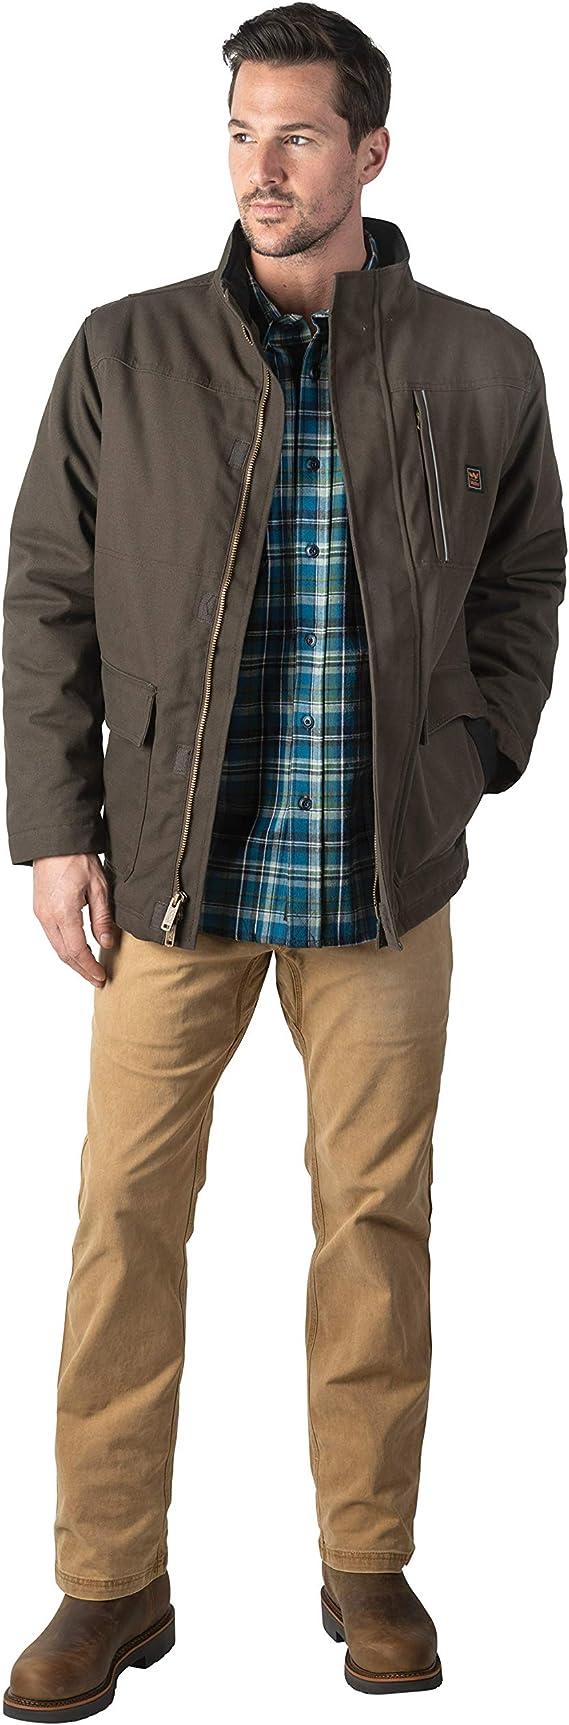 Walls Men's Super Duck Insulated Coat